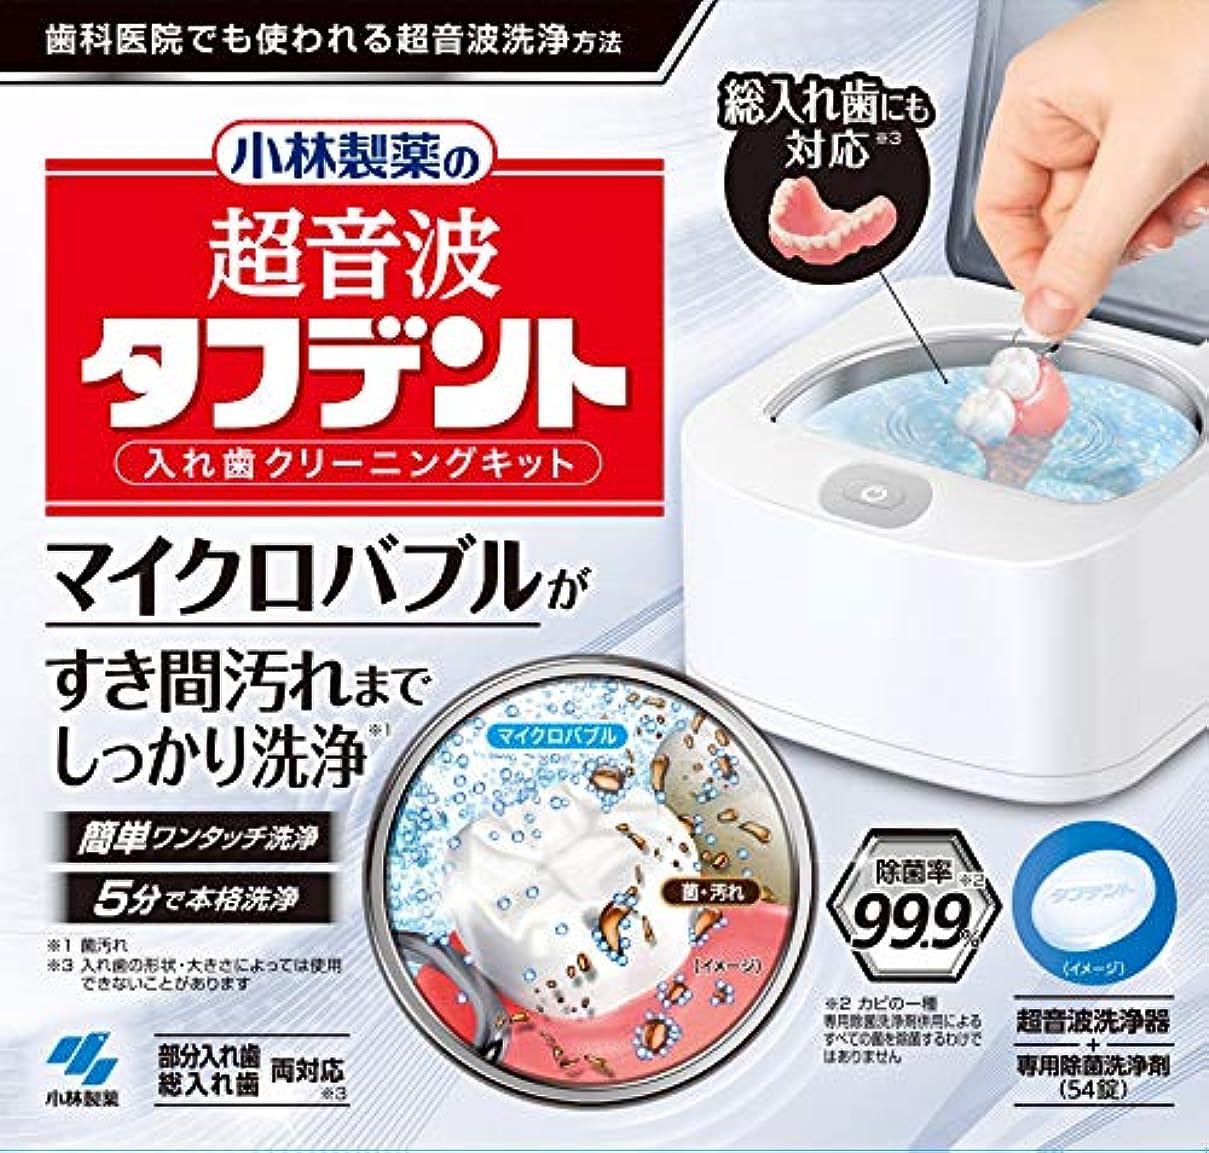 散らす徹底略す小林製薬 義歯洗浄剤 超音波タフデント入れ歯クリーニングキット(メガネクリーナー付)